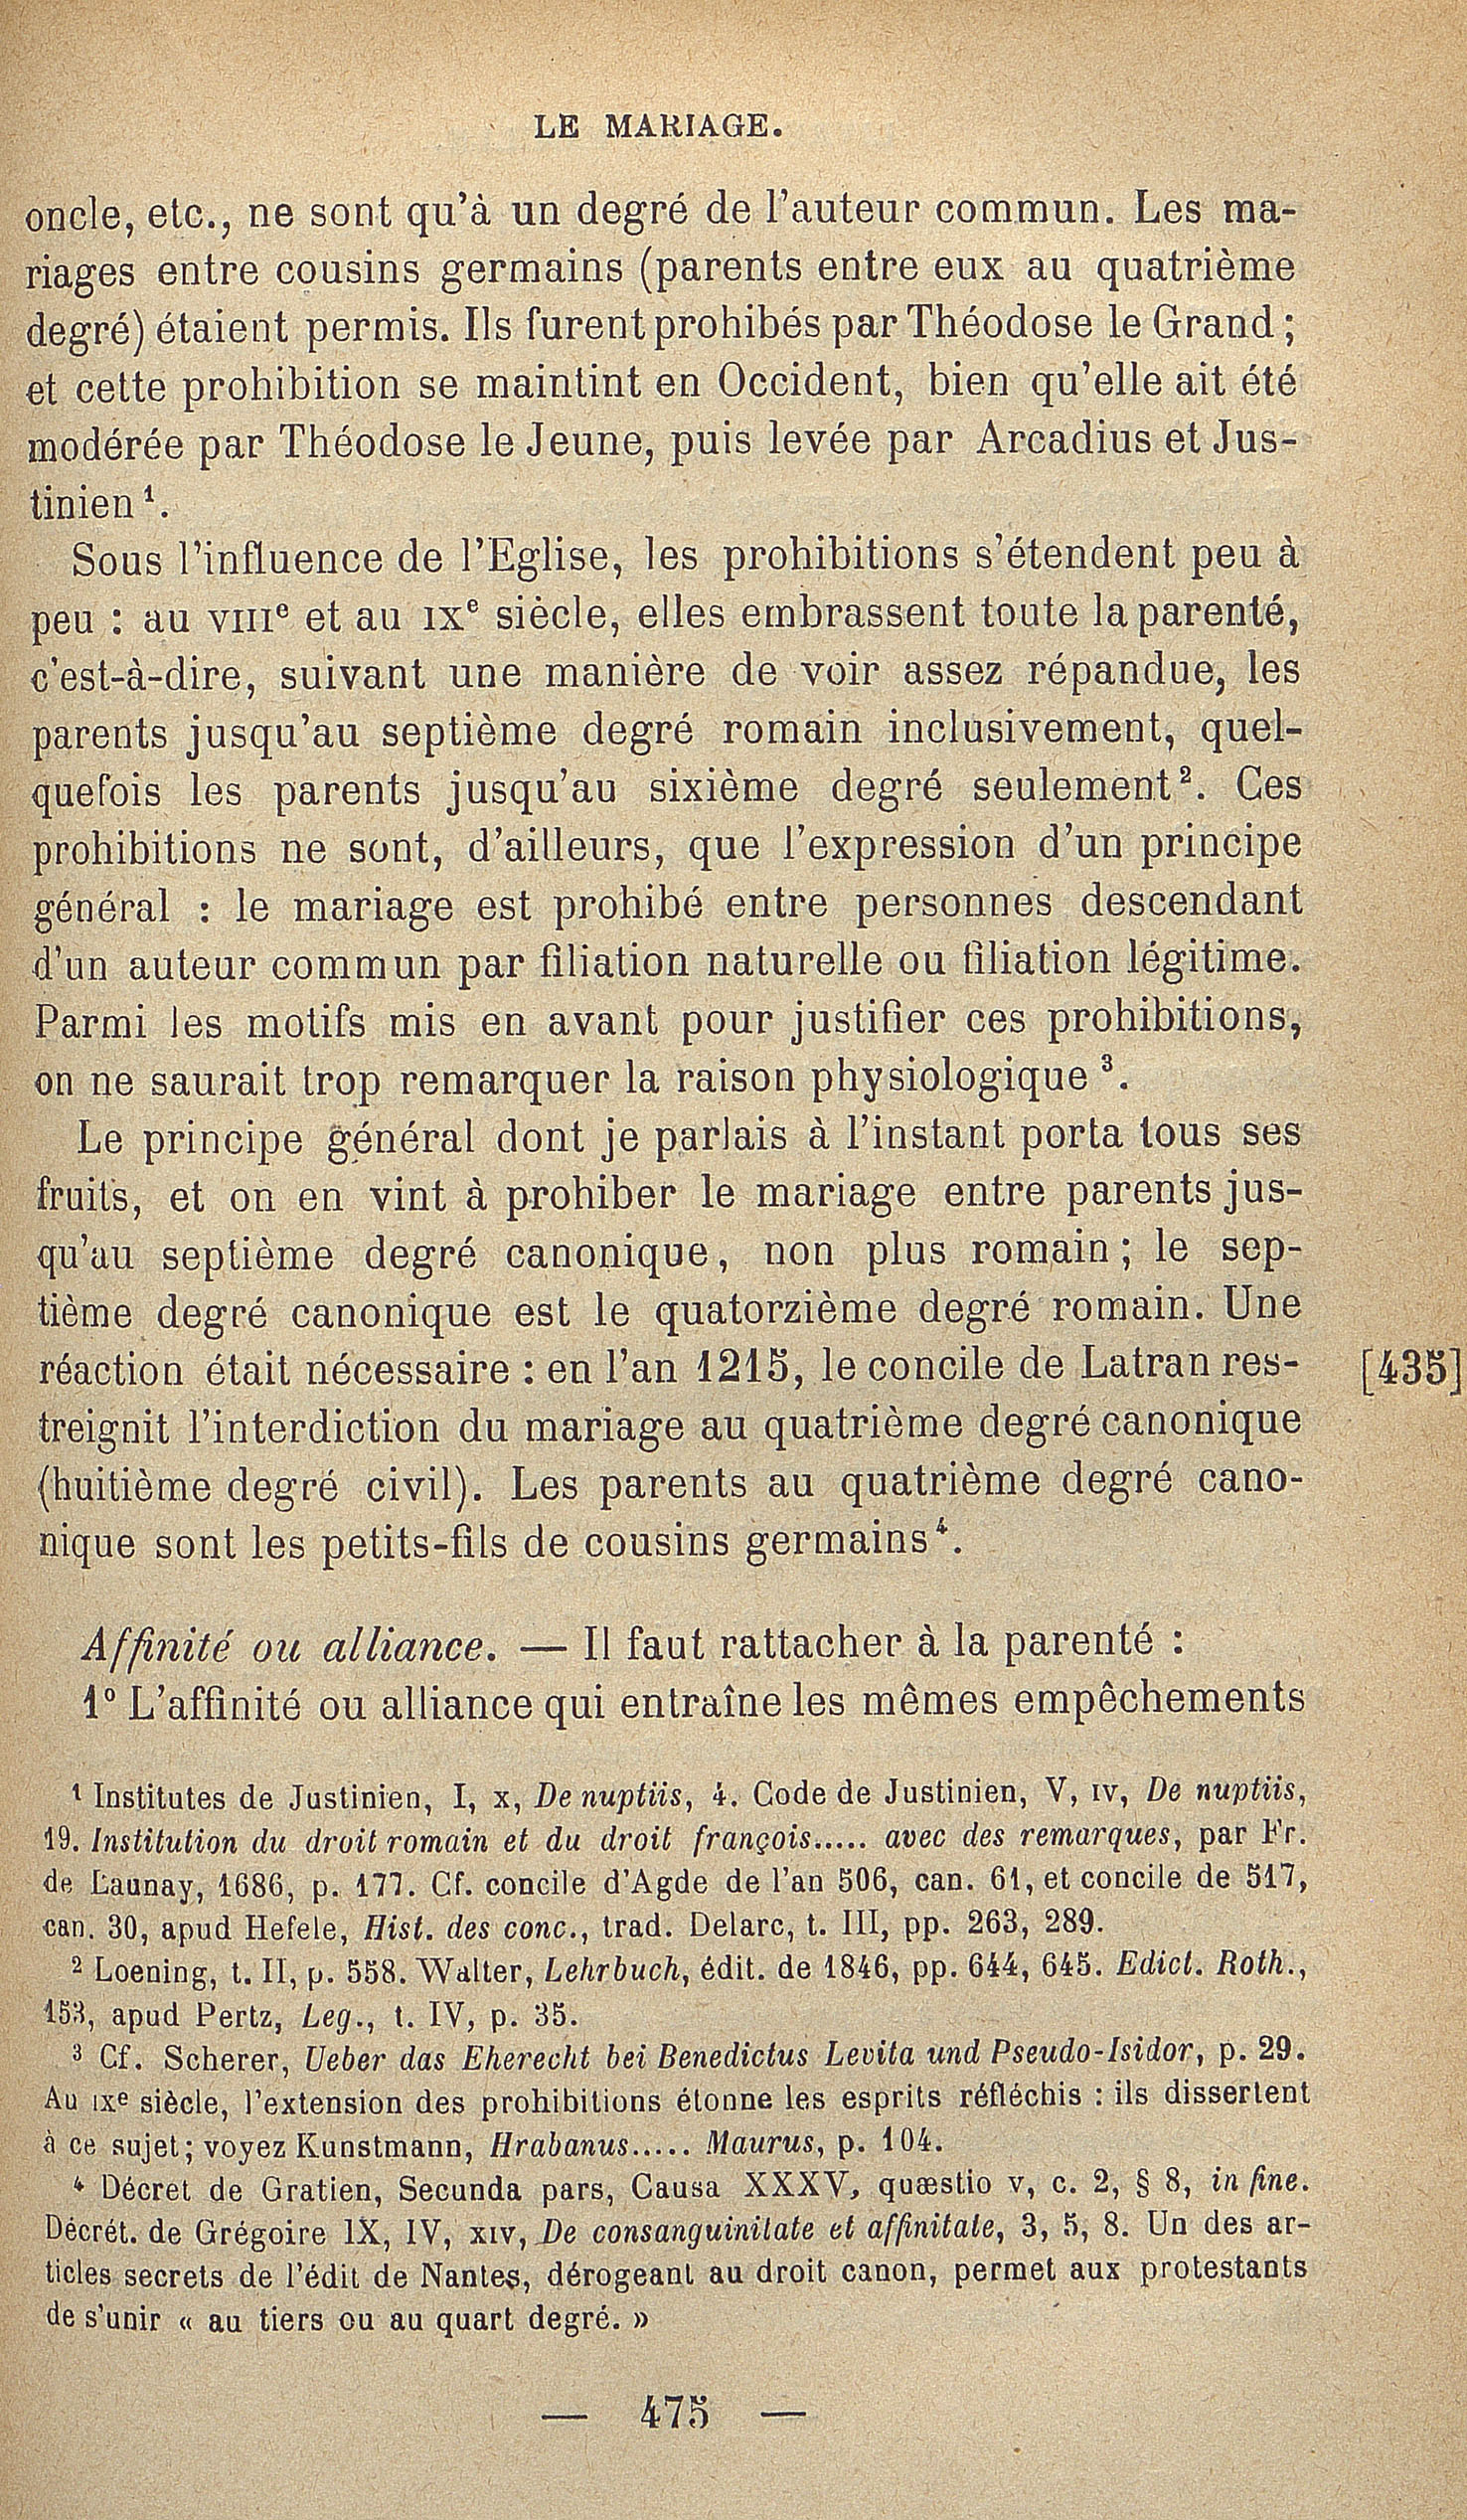 http://expo-paulviollet.univ-paris1.fr/wp-content/uploads/2016/02/0605121670_0485.jpg